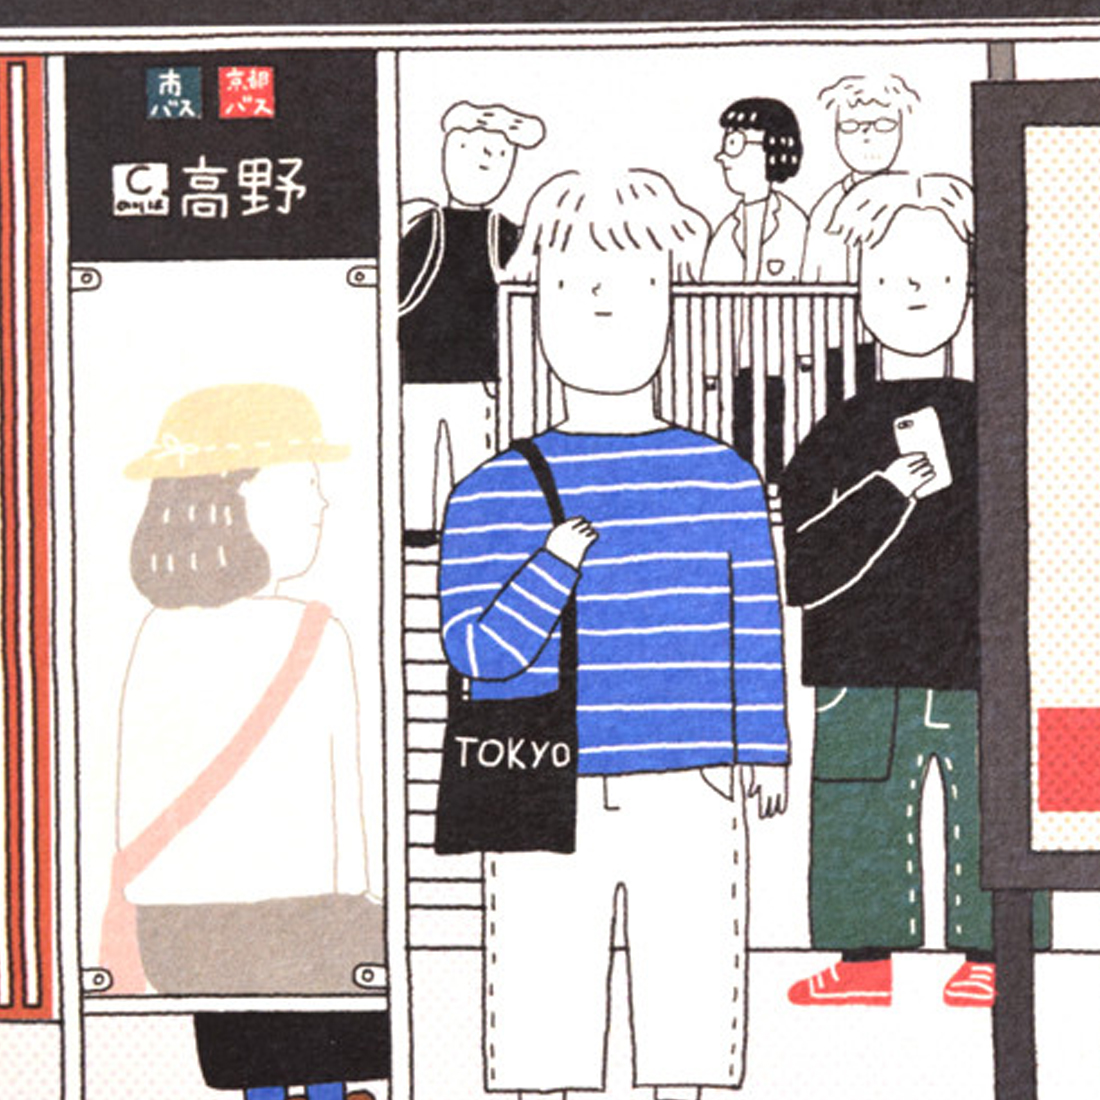 作品「高野(京都)」